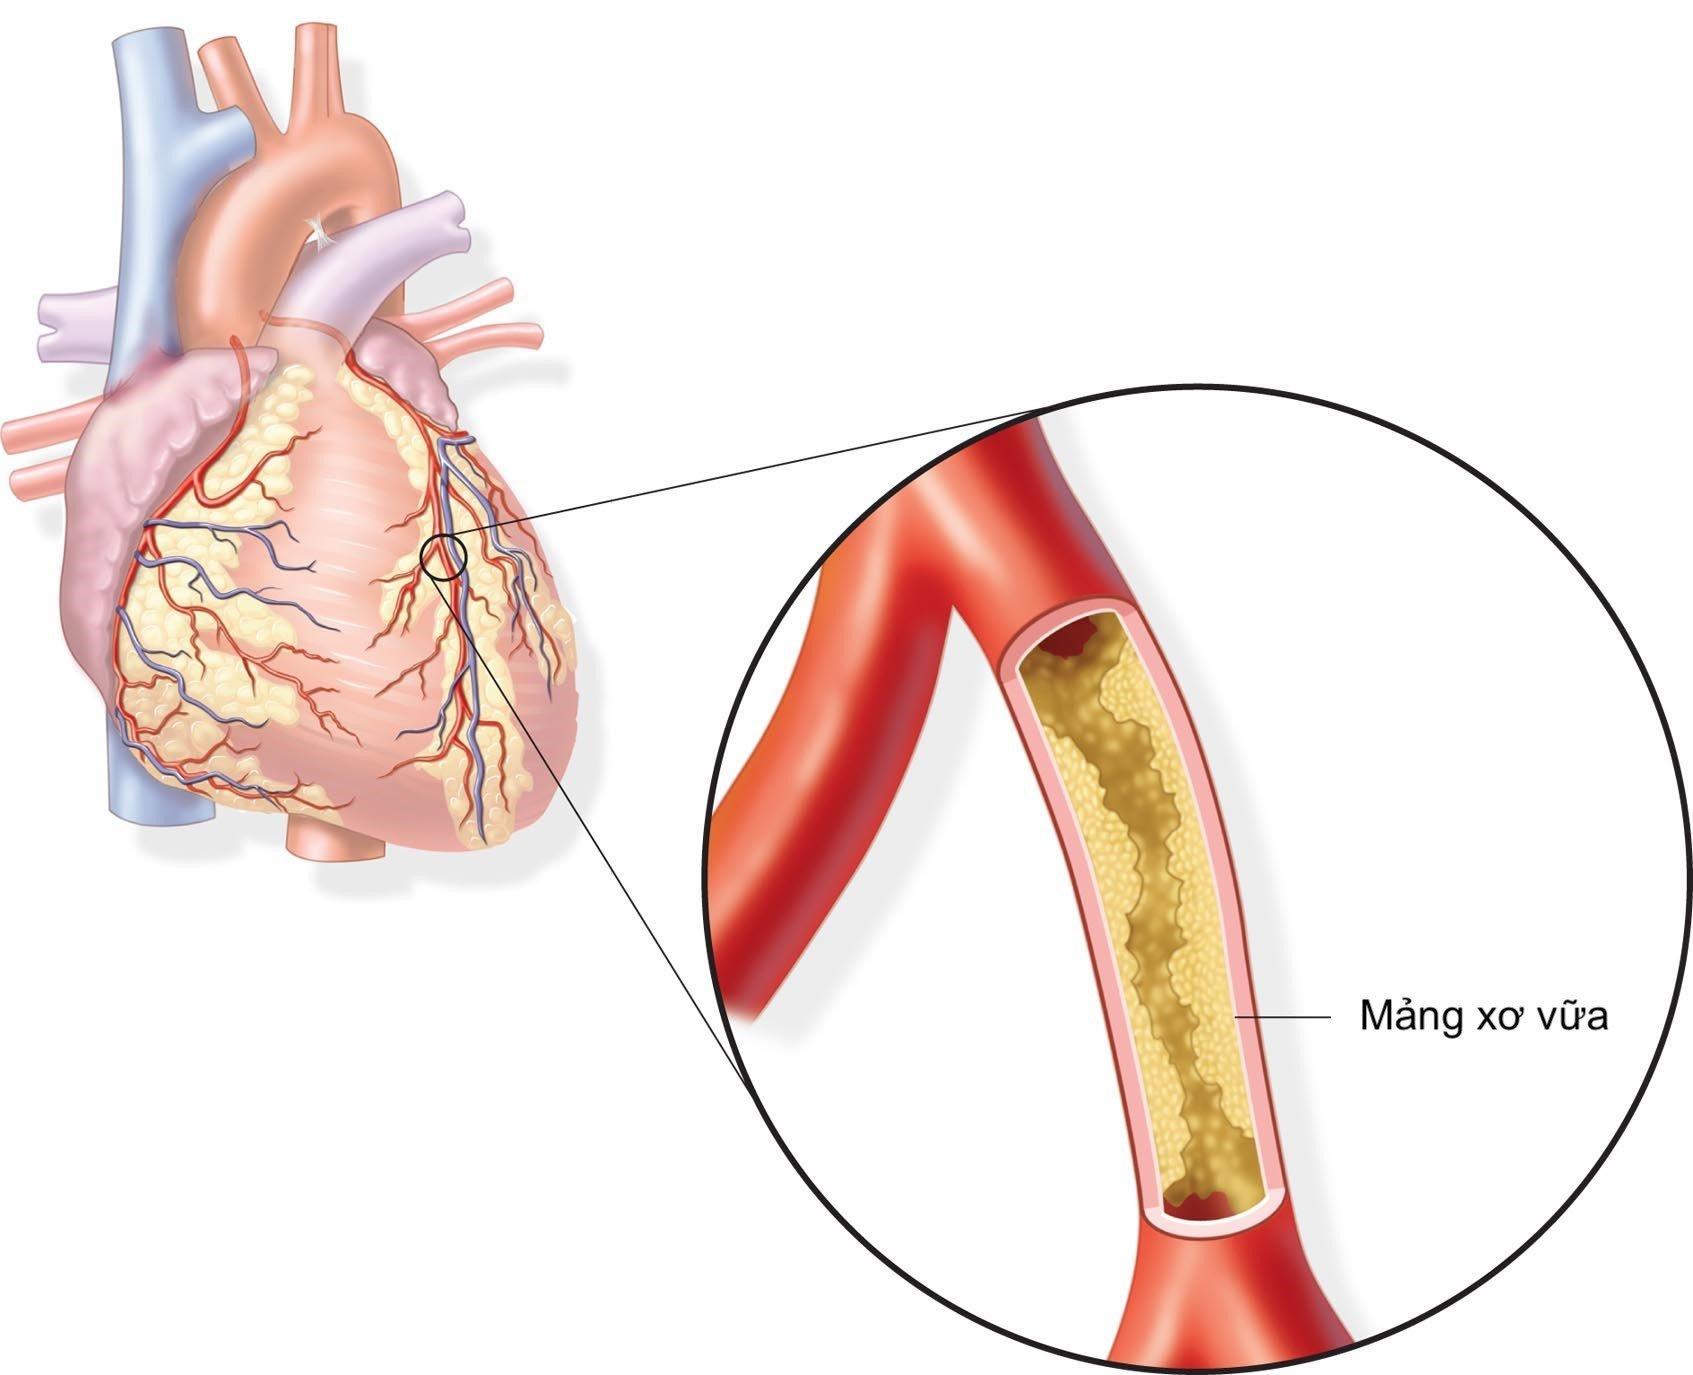 Thiếu máu cơ tim 1